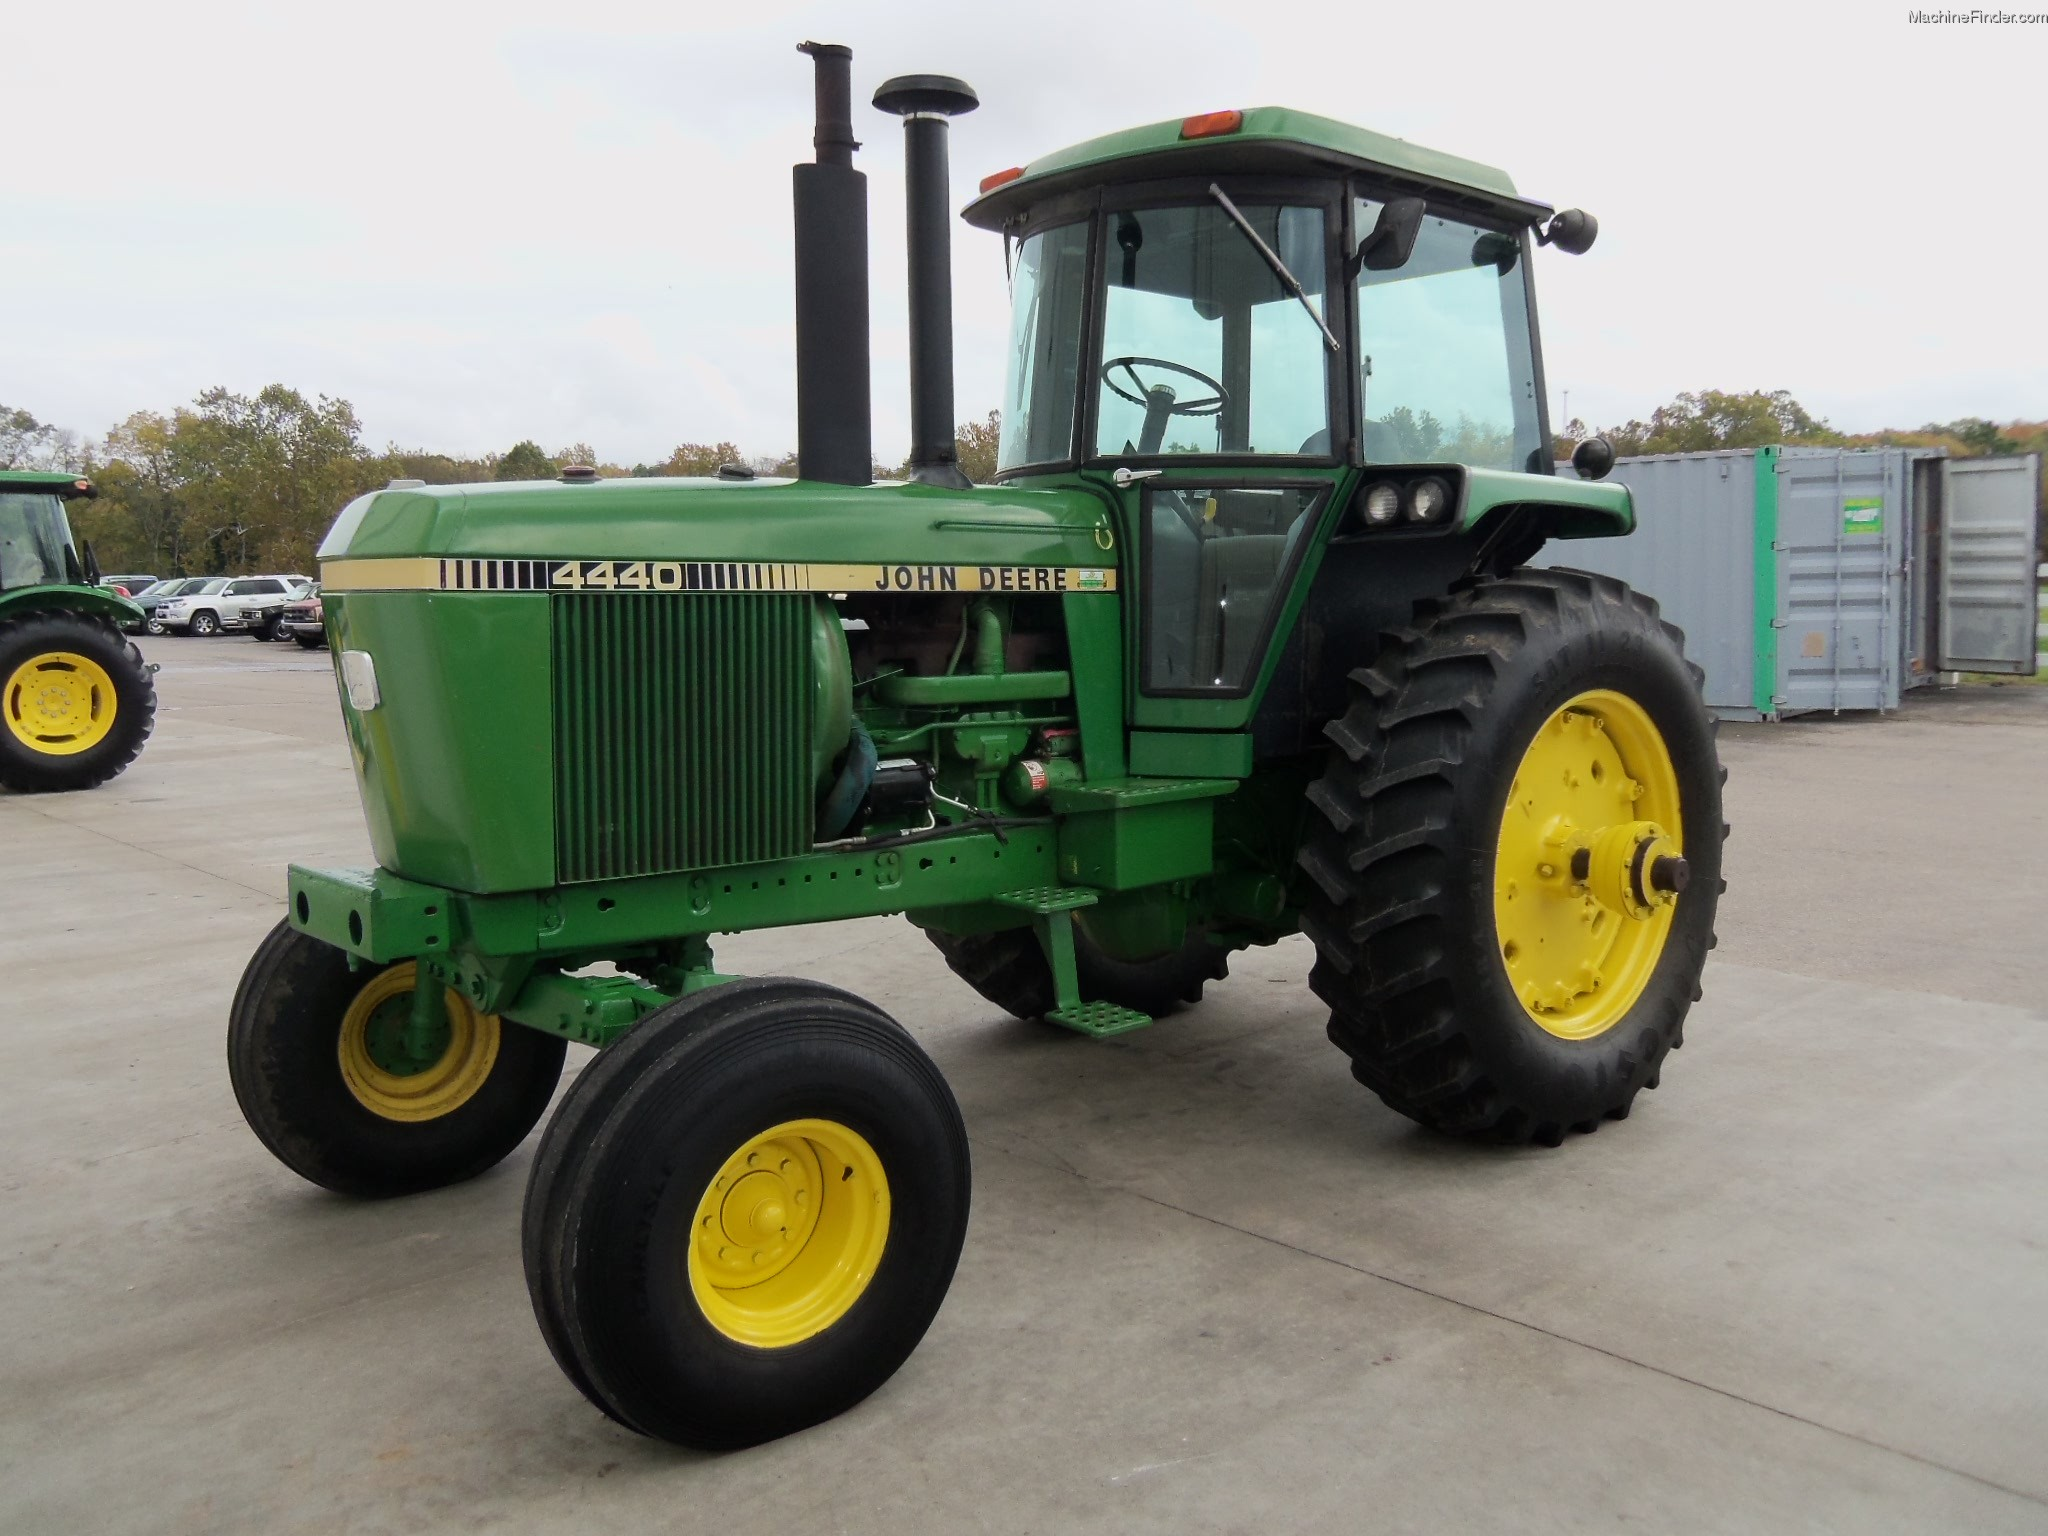 1981 John Deere 4440 Tractors - Row Crop (+100hp) - John ...